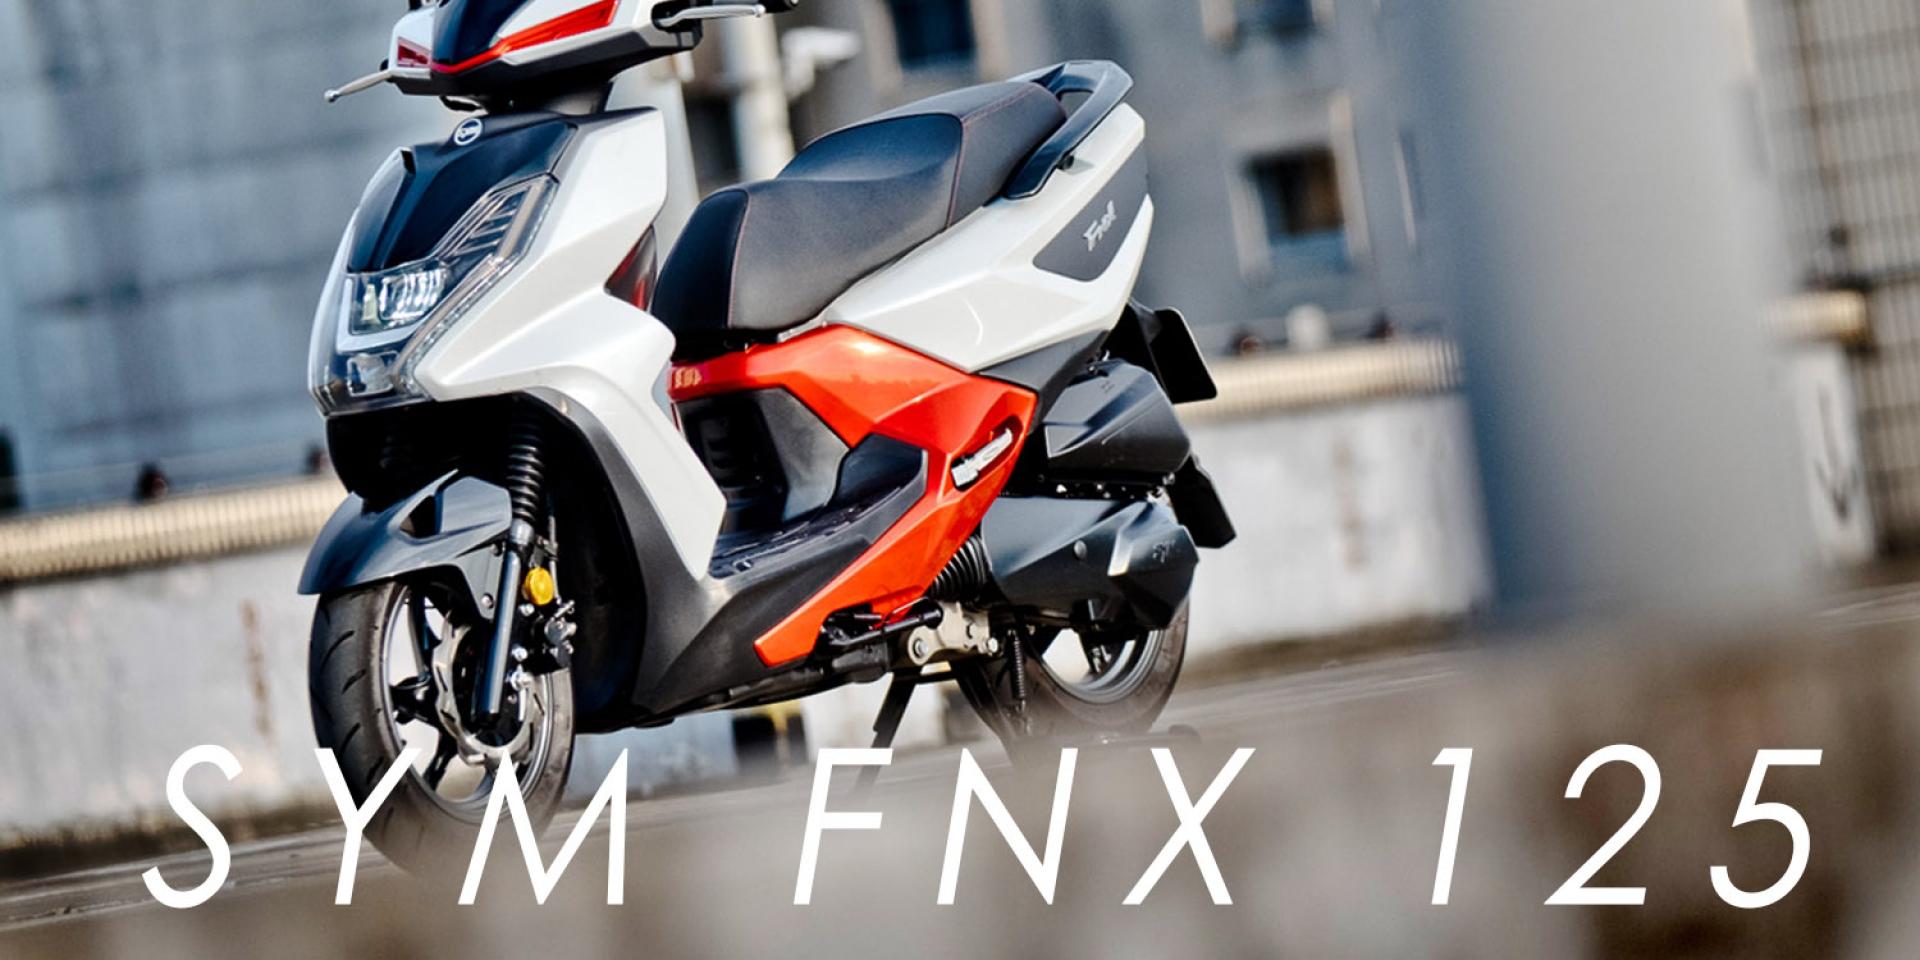 即時啟動零時差,新世代科技SYM FNX 125